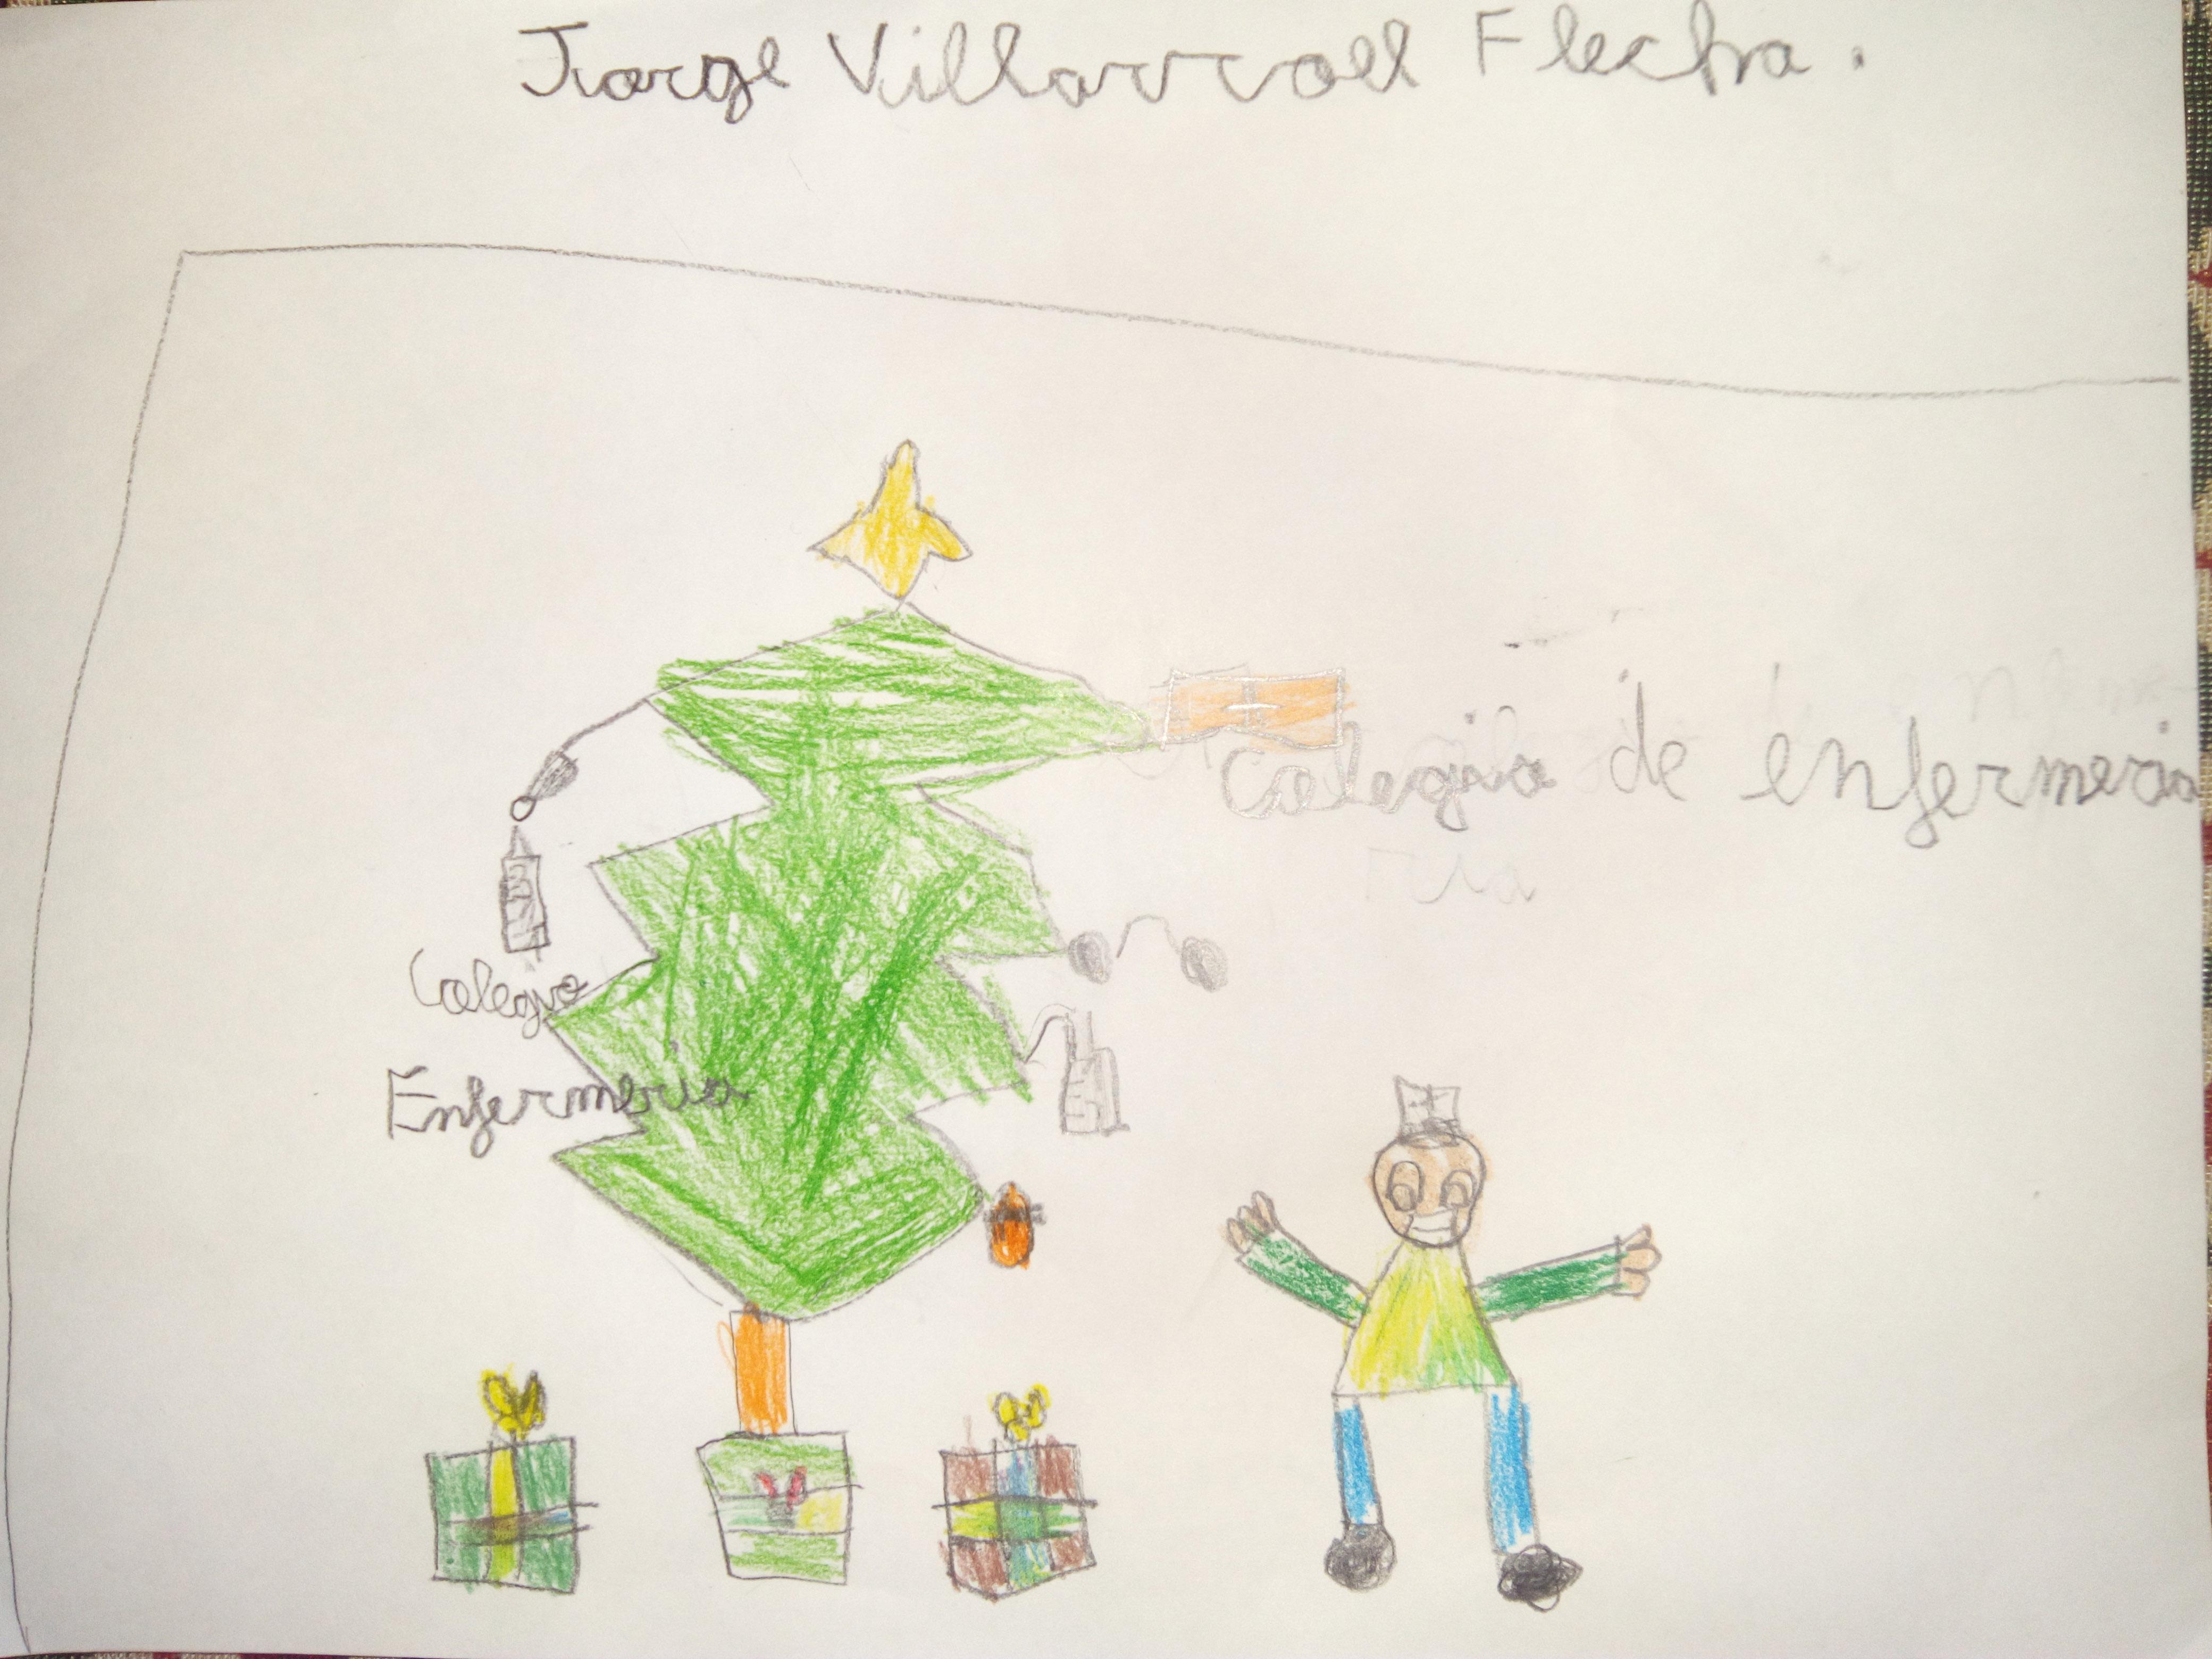 Jorge Villarroel Flecha (7 años)